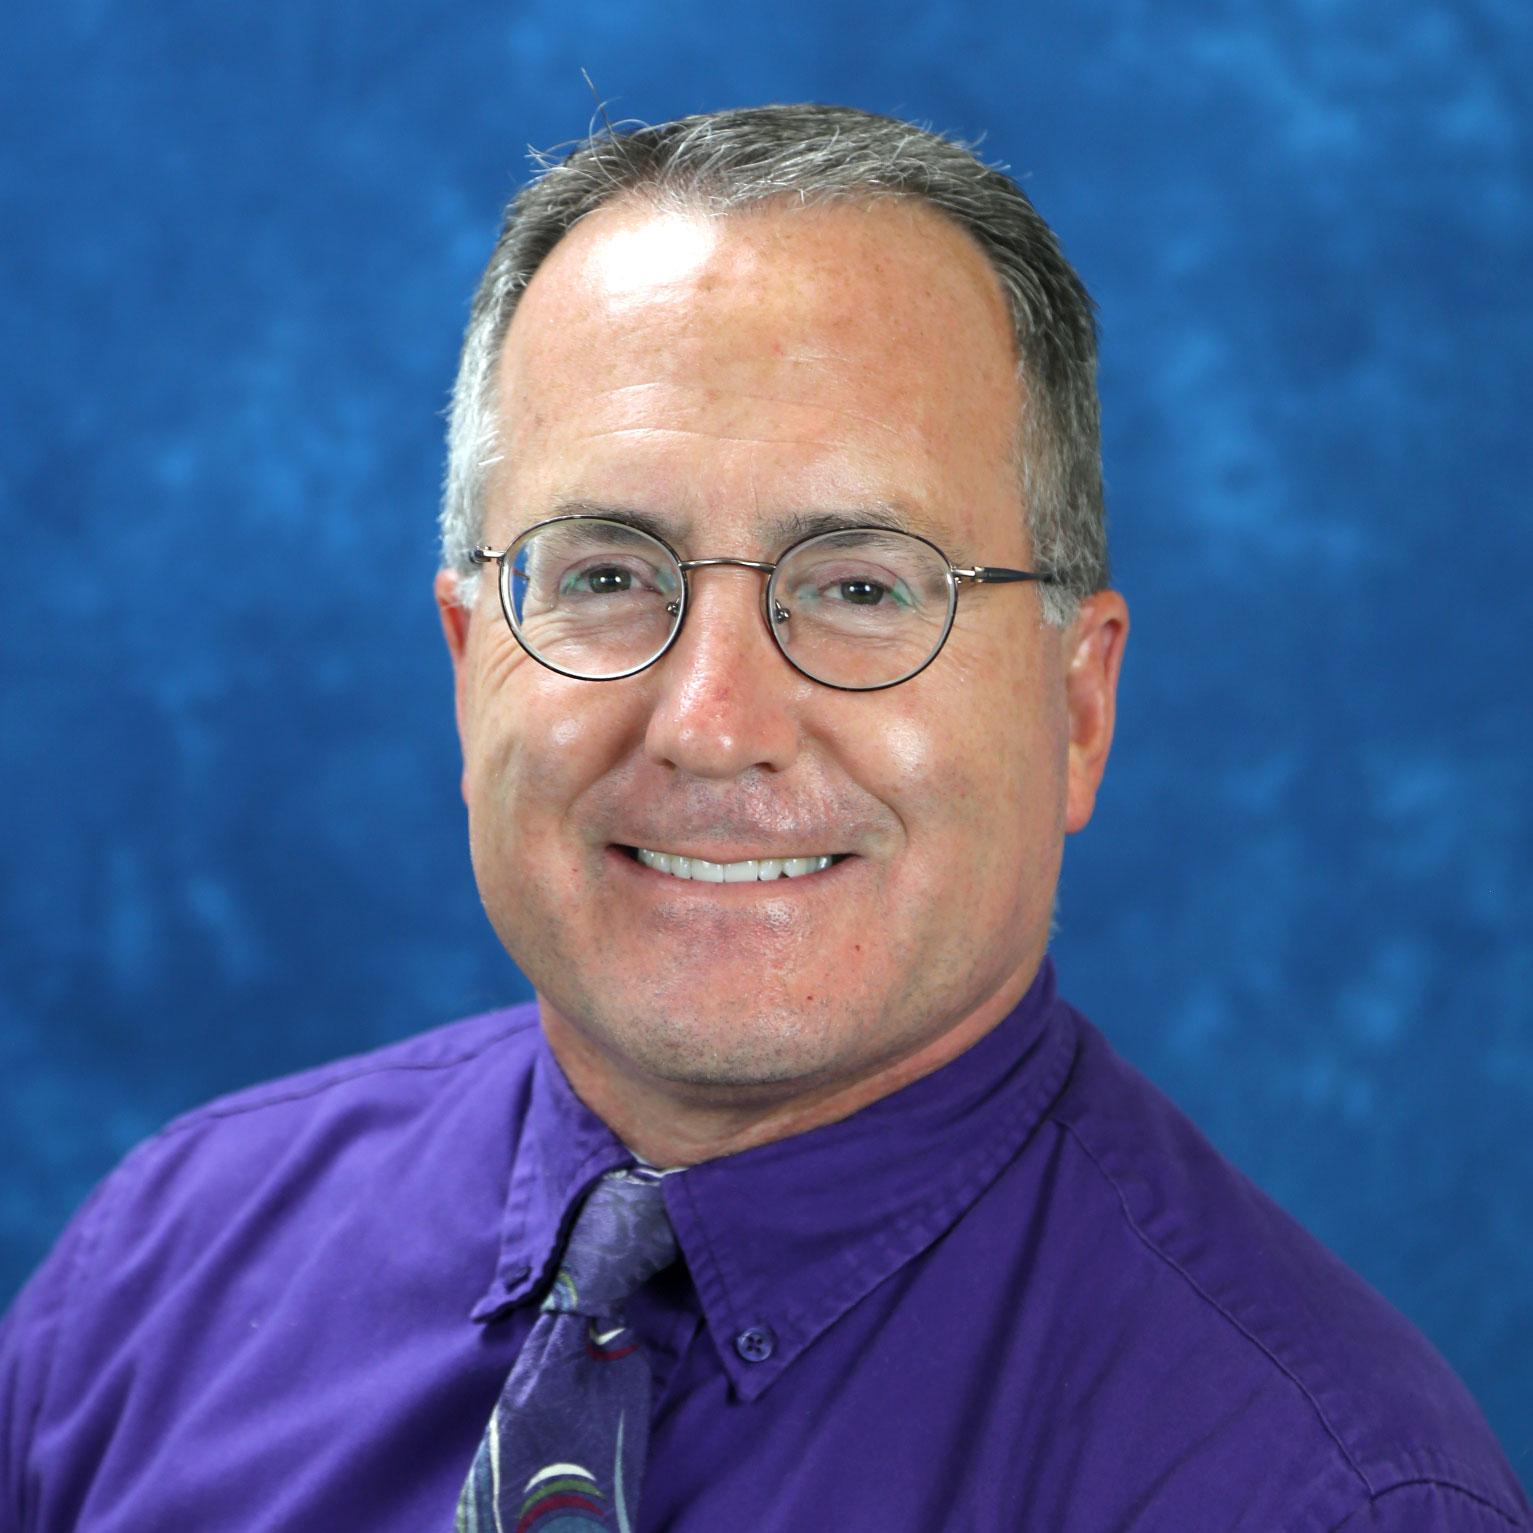 Mark Kwasny